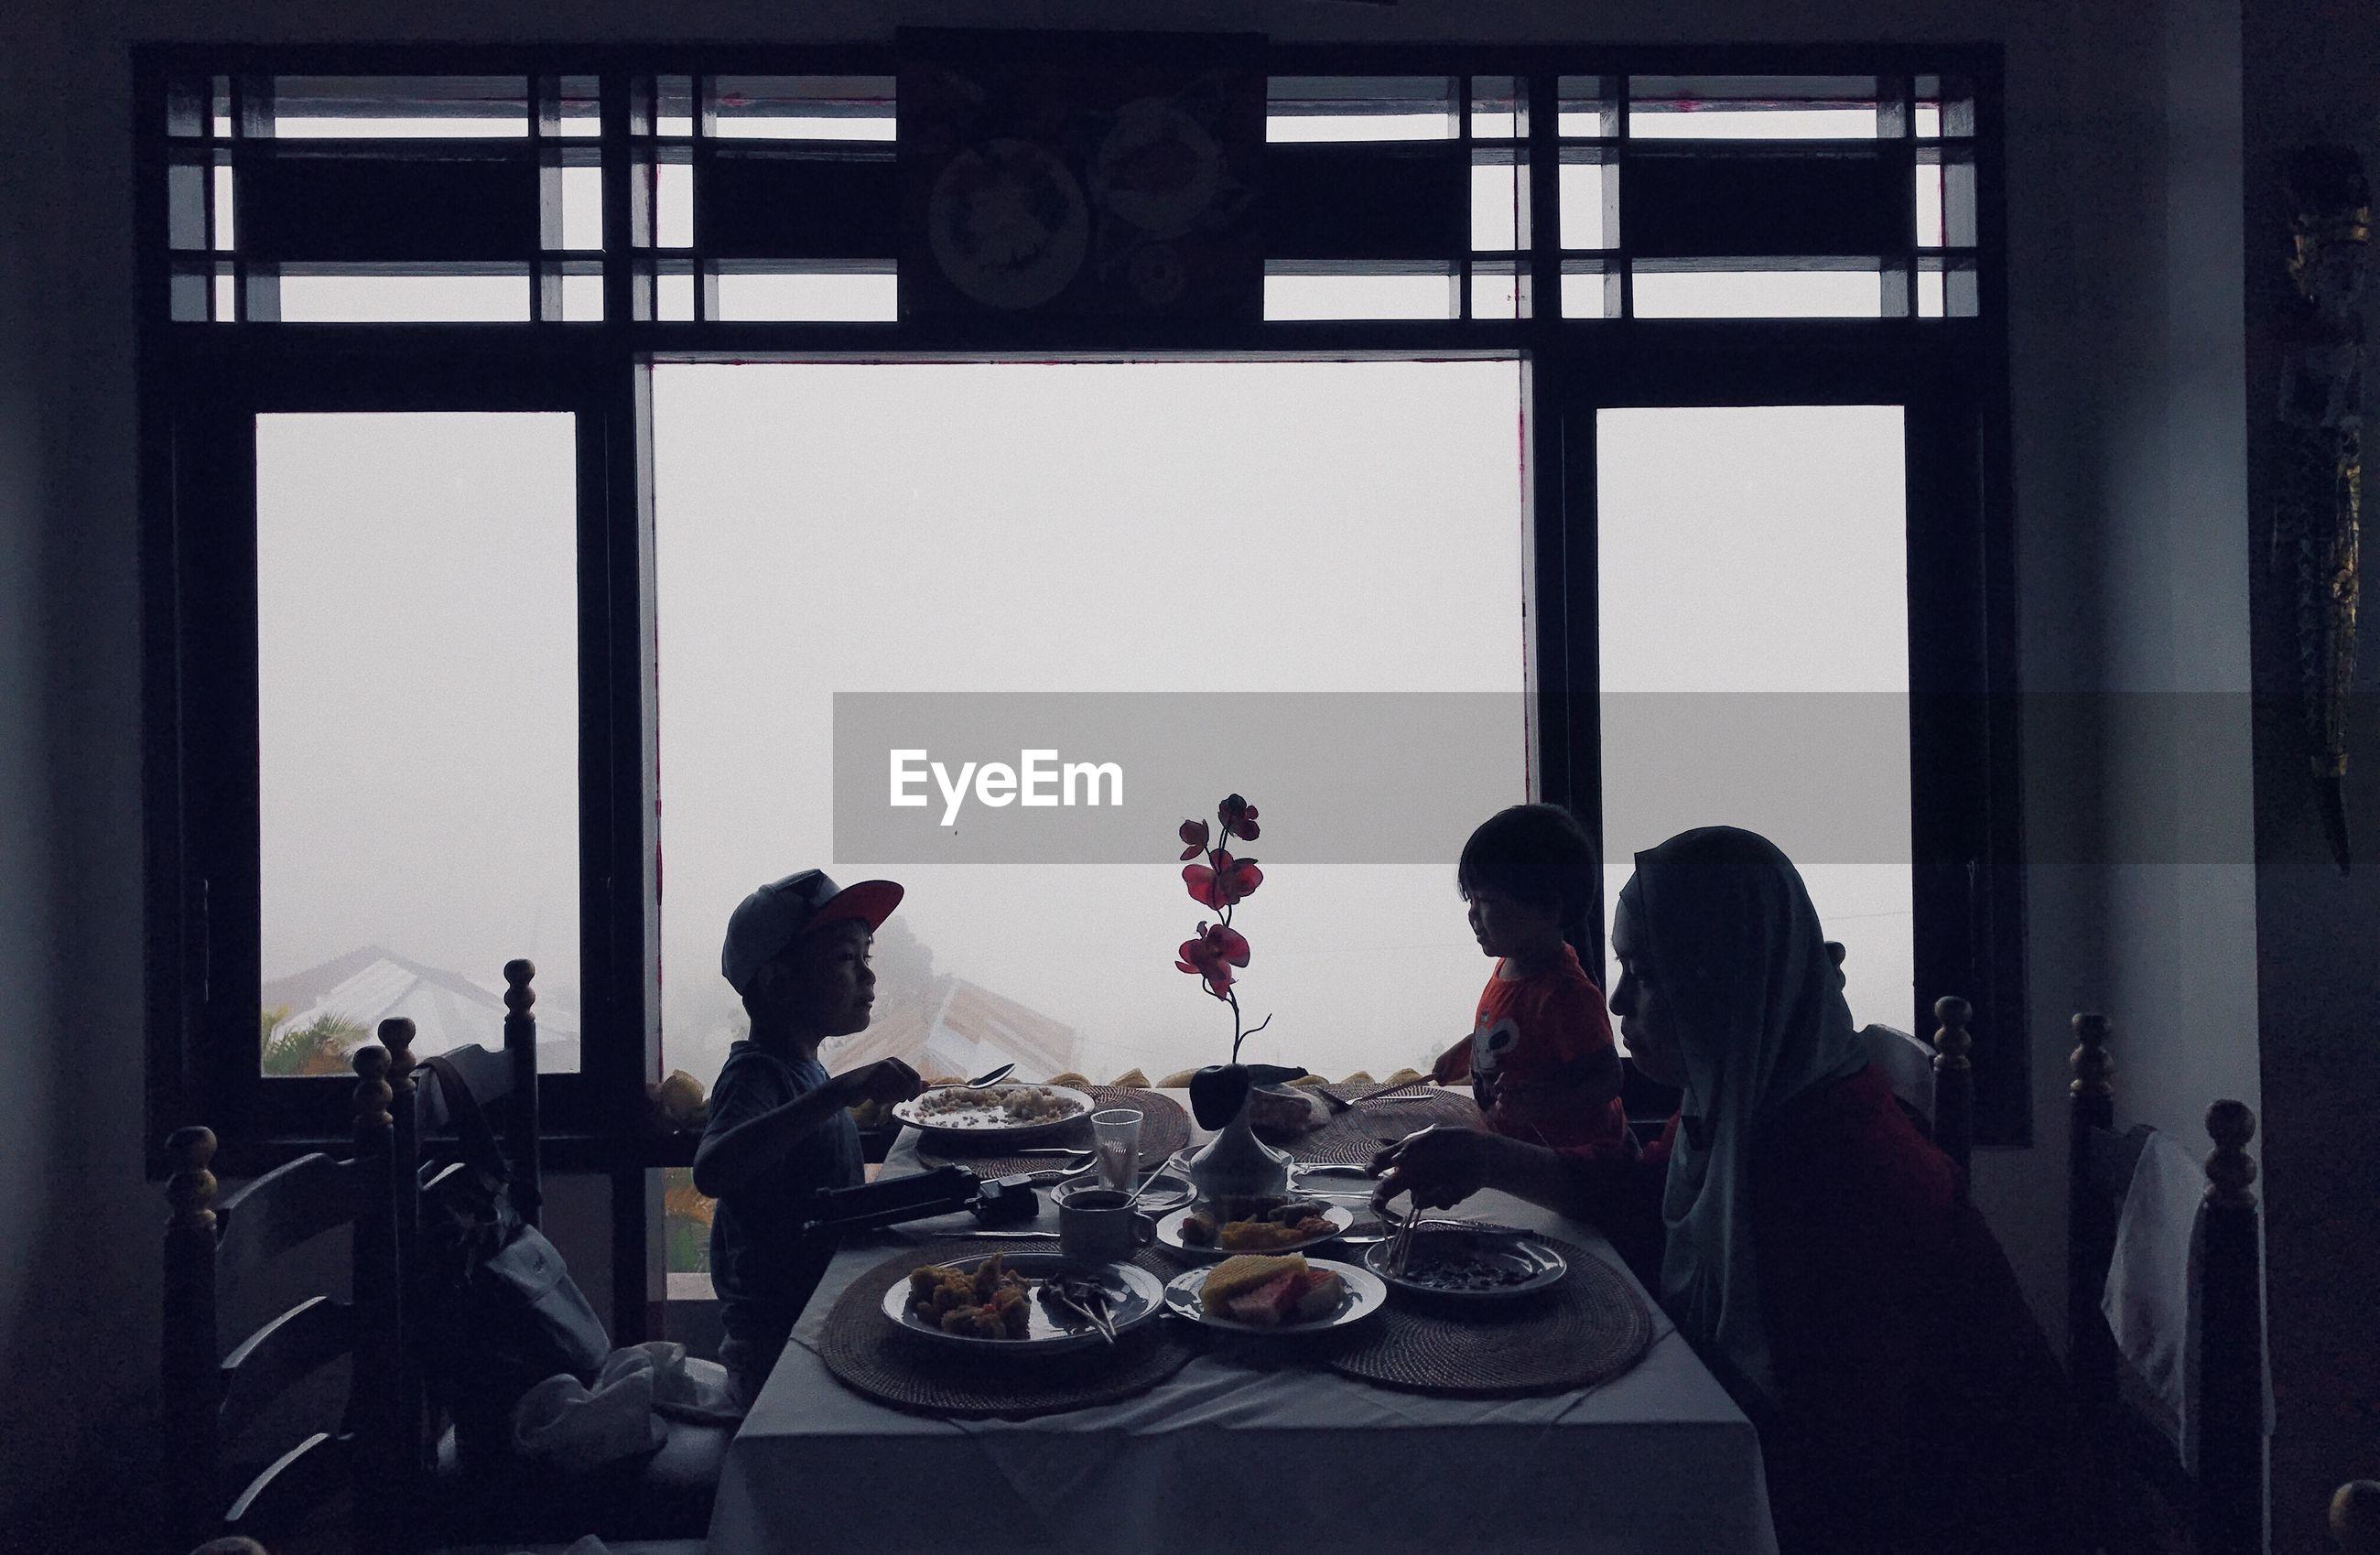 Family doing lunch in restaurant